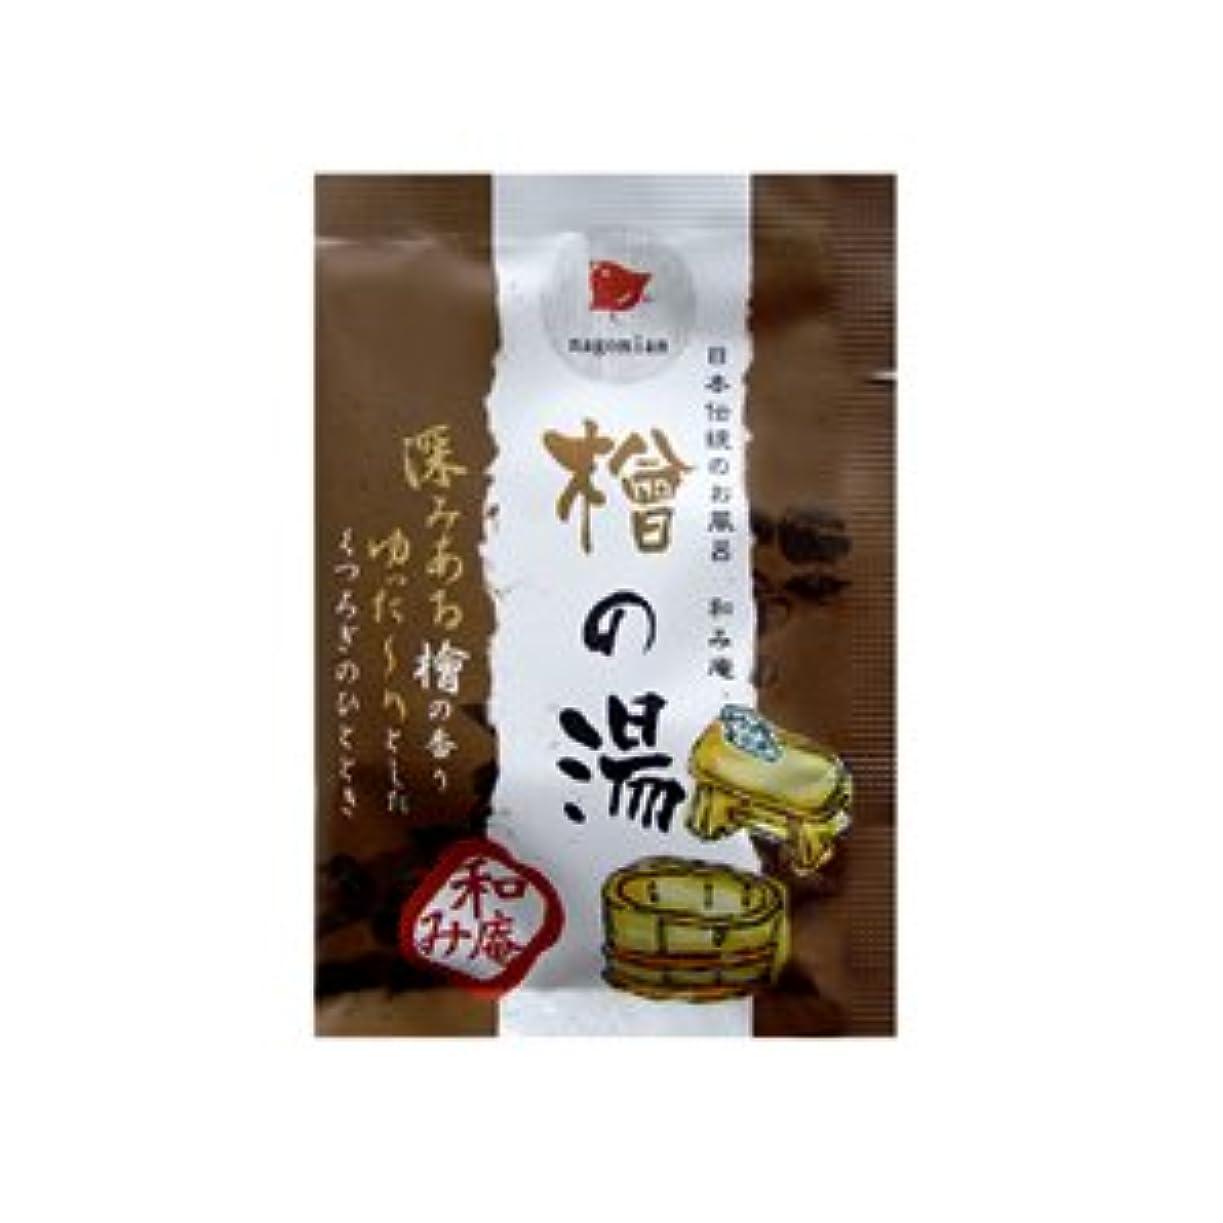 ハンディ歪める石日本伝統のお風呂 和み庵 檜の湯 25g 10個セット